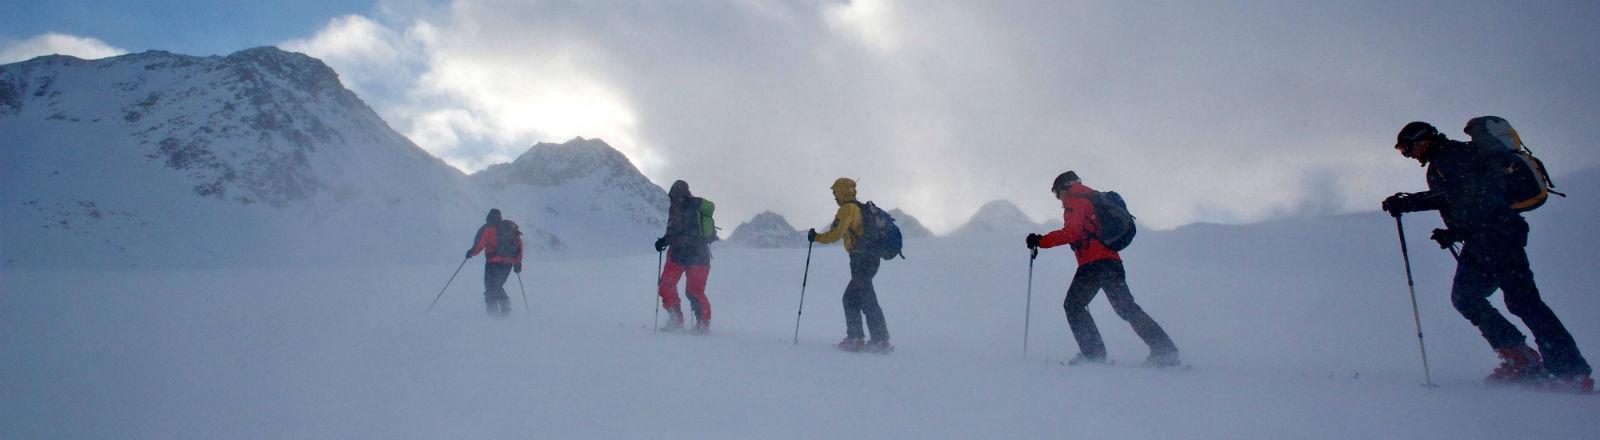 Eine Gruppe Skifahrer steigt bei heftigem Wind und Schneetreiben auf dem Pitztaler Gletscher auf